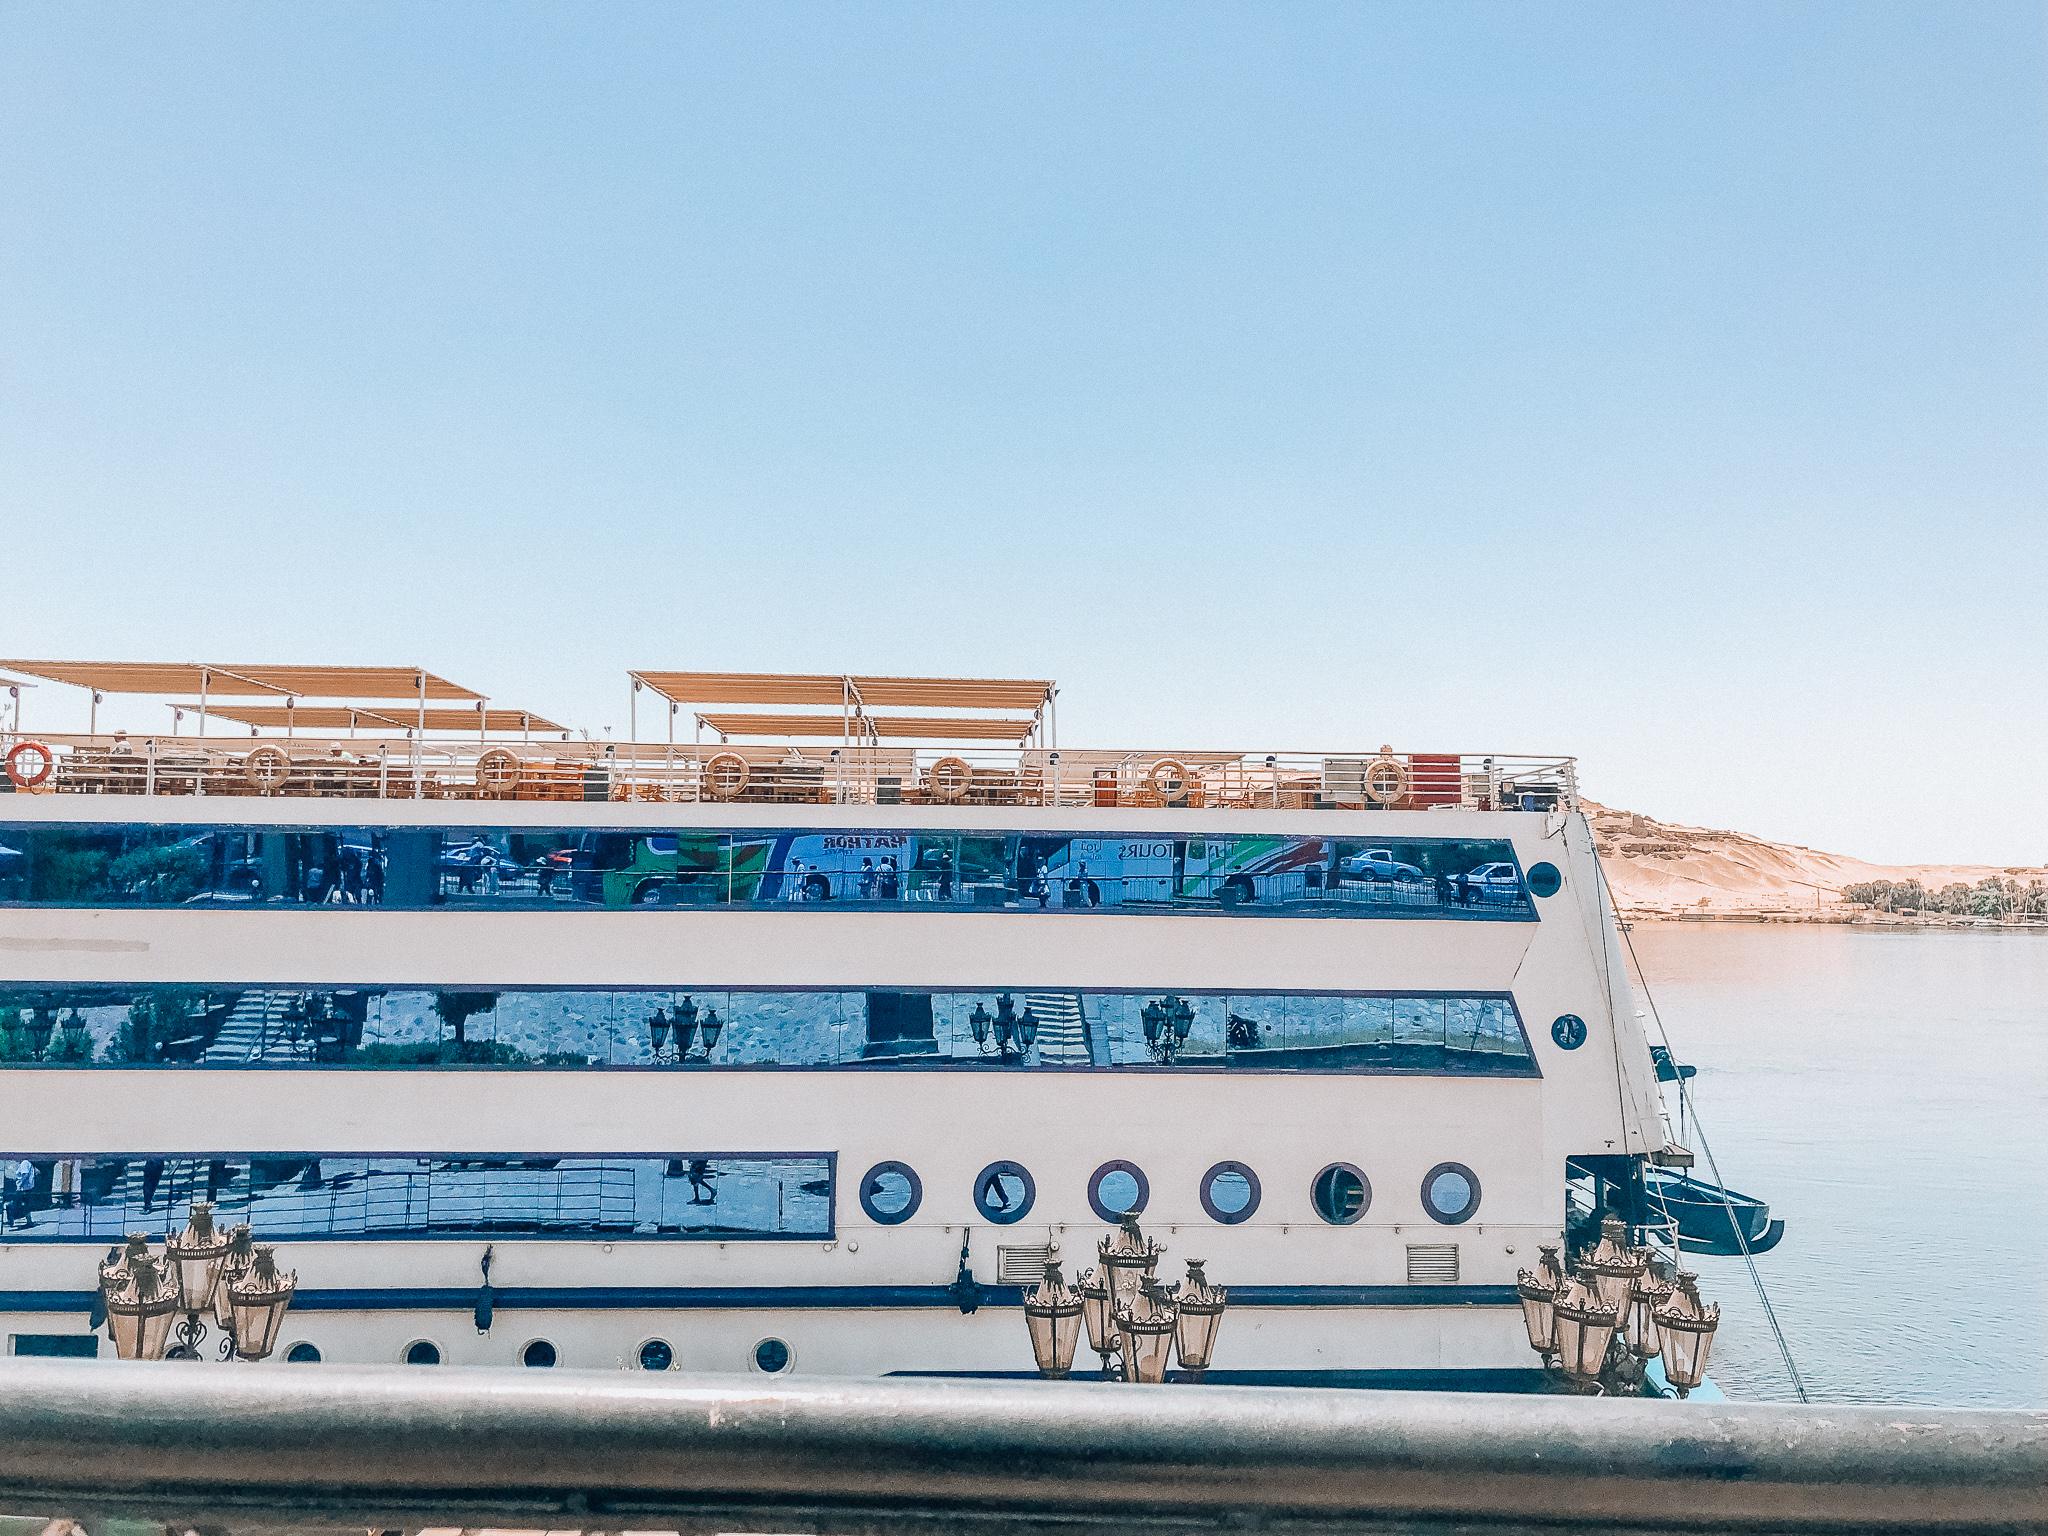 【旅行記!】エジプトのナイル川クルーズの旅の様子をお届け!【写真あり】